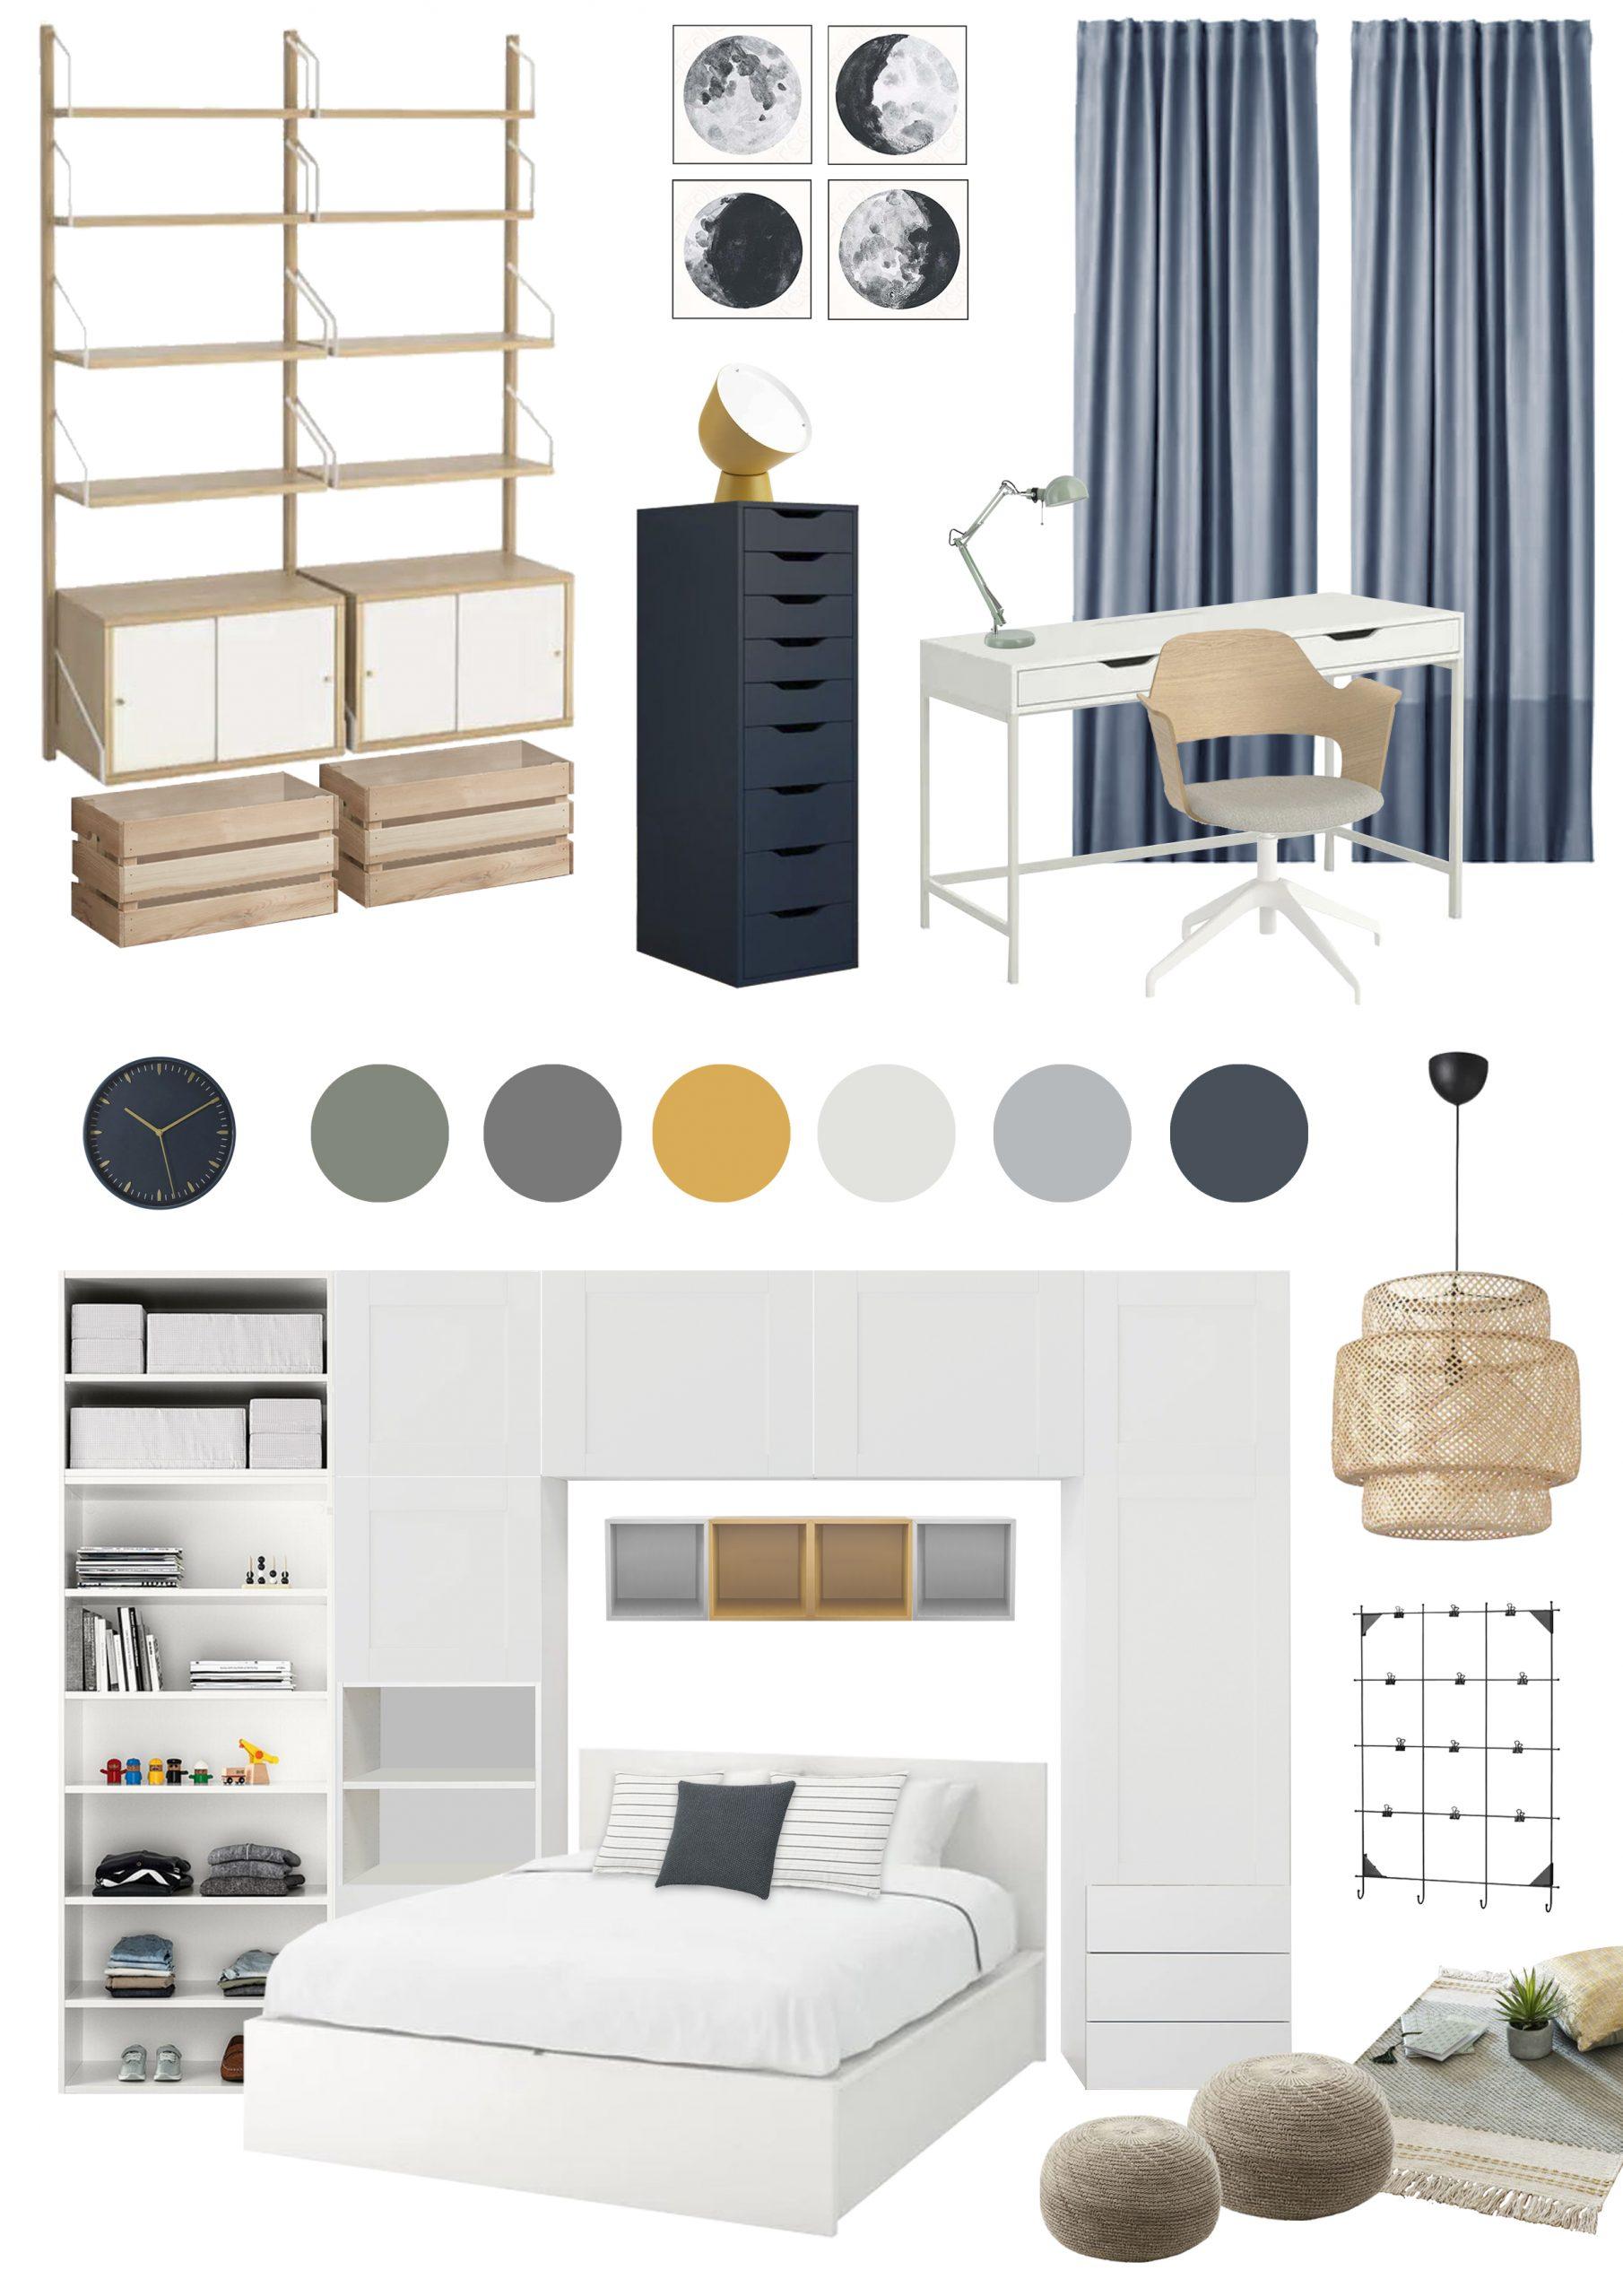 Appartamento in Cernusco sul Naviglio - camera figlio - moodboard